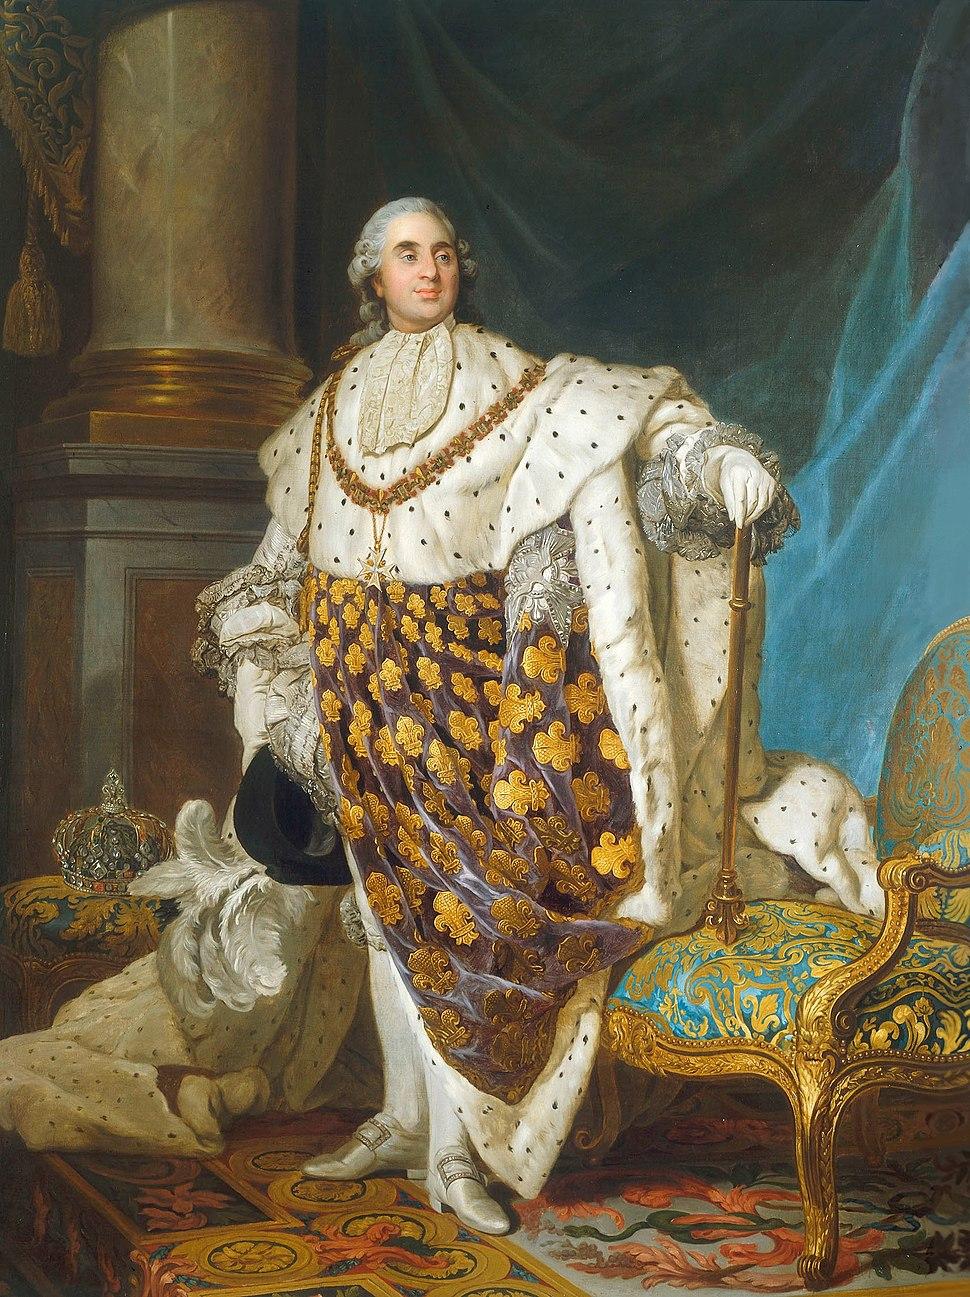 Louis XVI en costume de sacre - Joseph-Siffred Duplessis